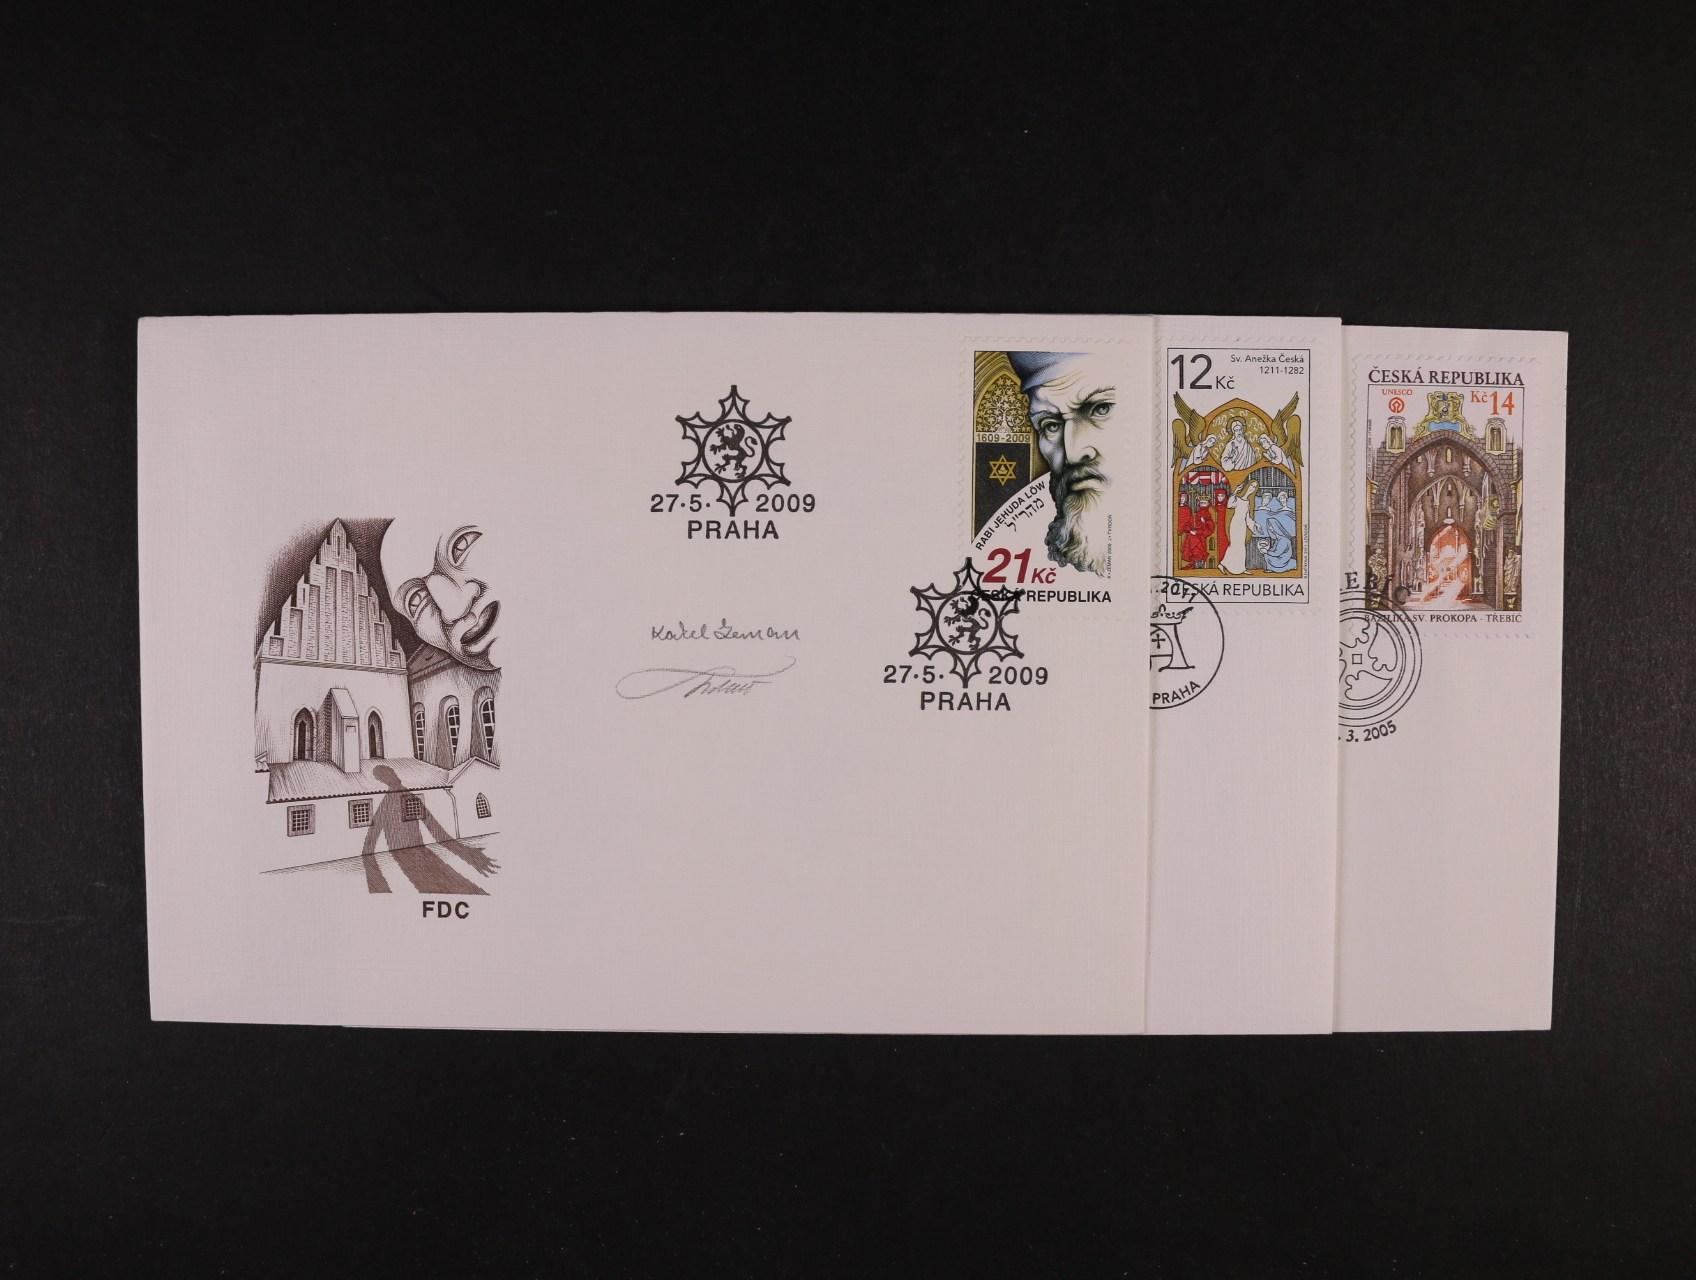 sestava 15 ks FDC s podpisy tvůrců zn., mj. M.Ondráček, V. Fait, P. Sivko, K. Zeman, J. Tvrdoň,